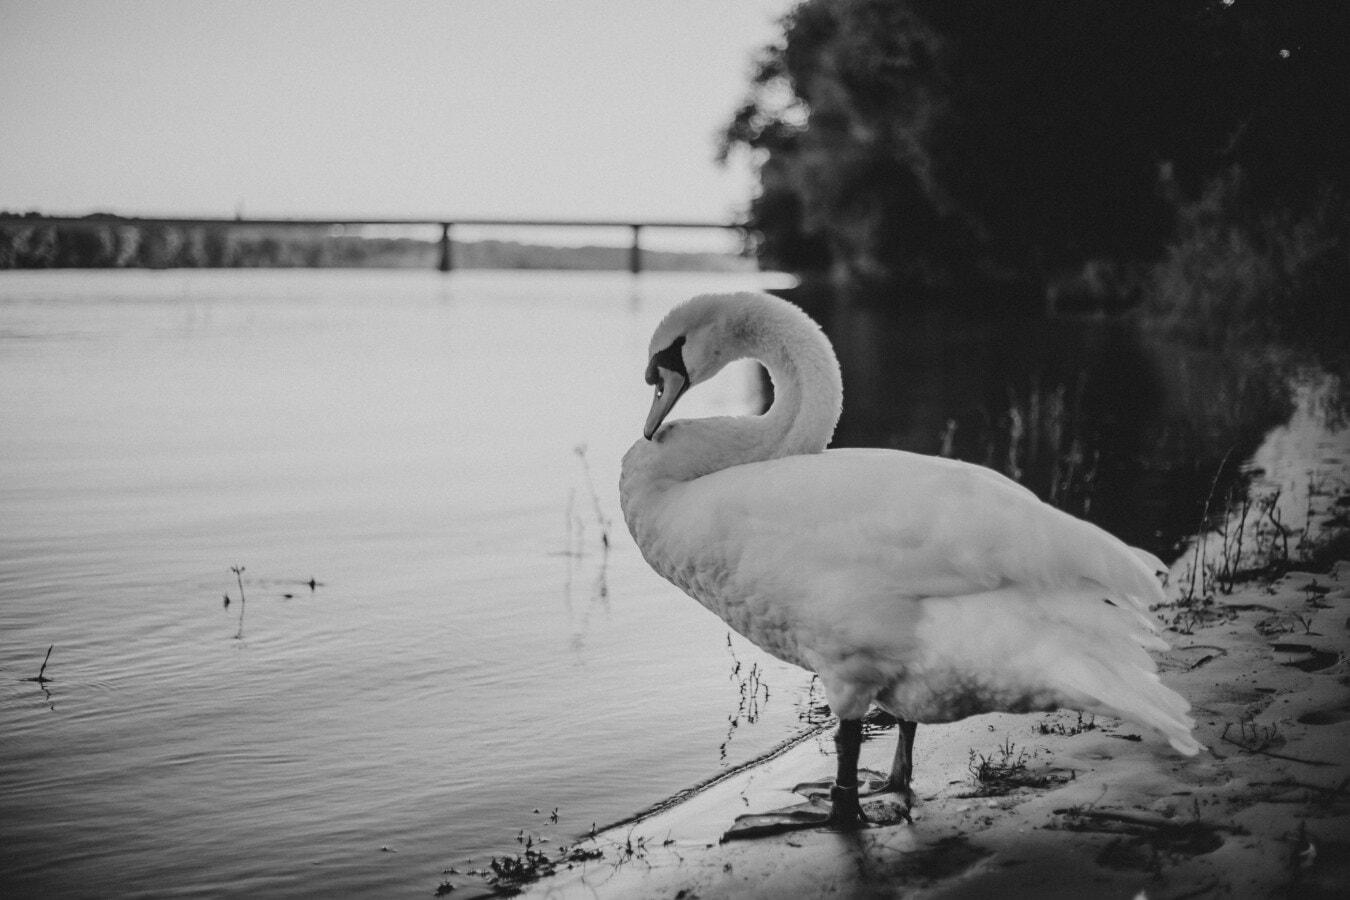 cygne, noir et blanc, monochrome, oiseau, berge, la grâce, Wet, plage, sable, eau